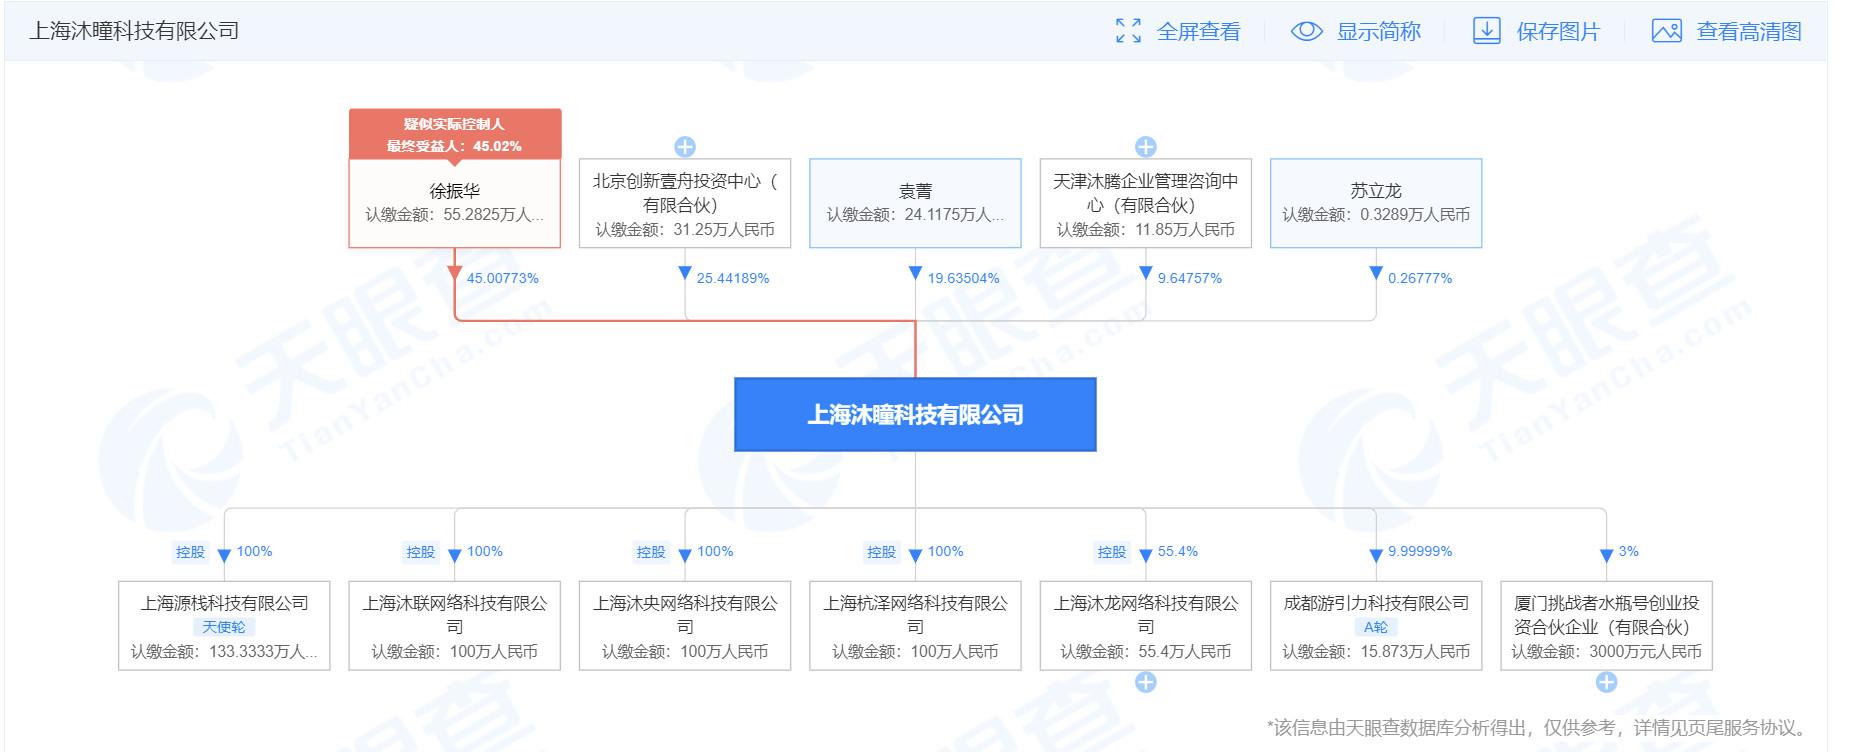 字節跳動收購上海沐瞳科技 金額高達40億美元